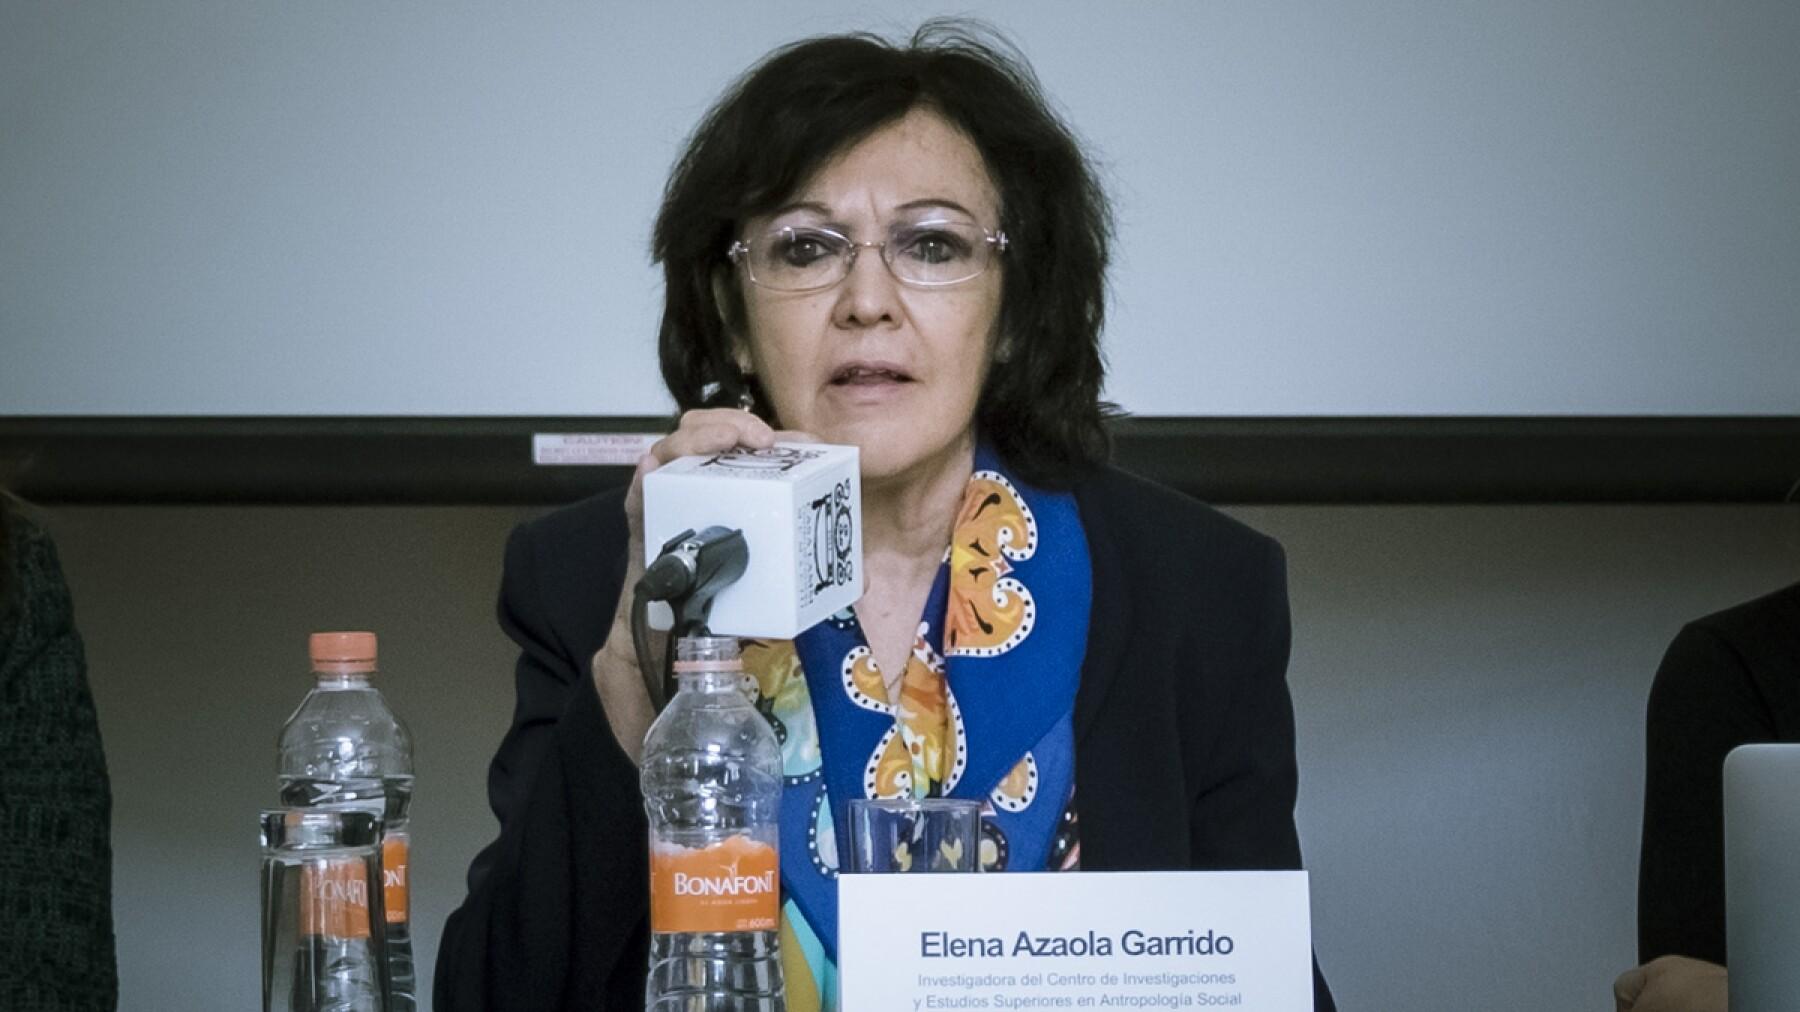 Elena Azaola